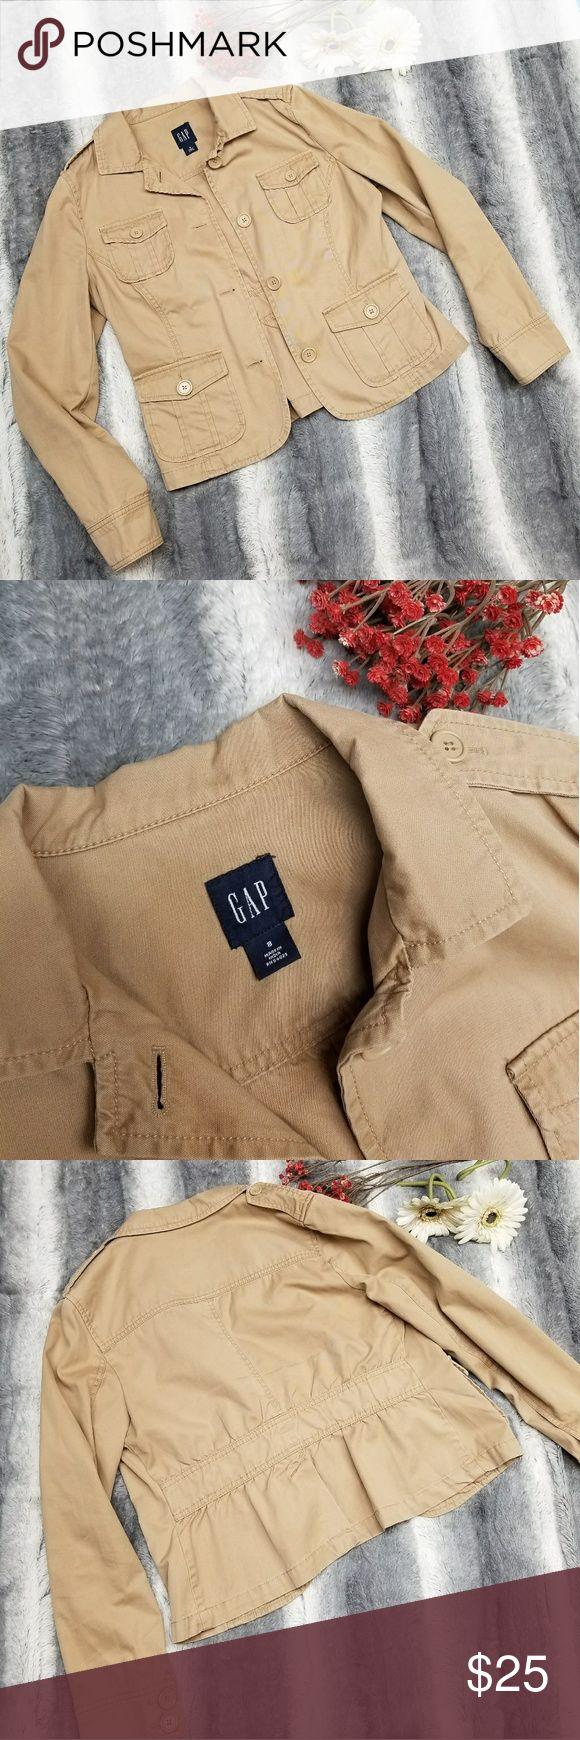 Gap jacket size 8 Cute gap jacket size 8 GAP Jackets & Coats